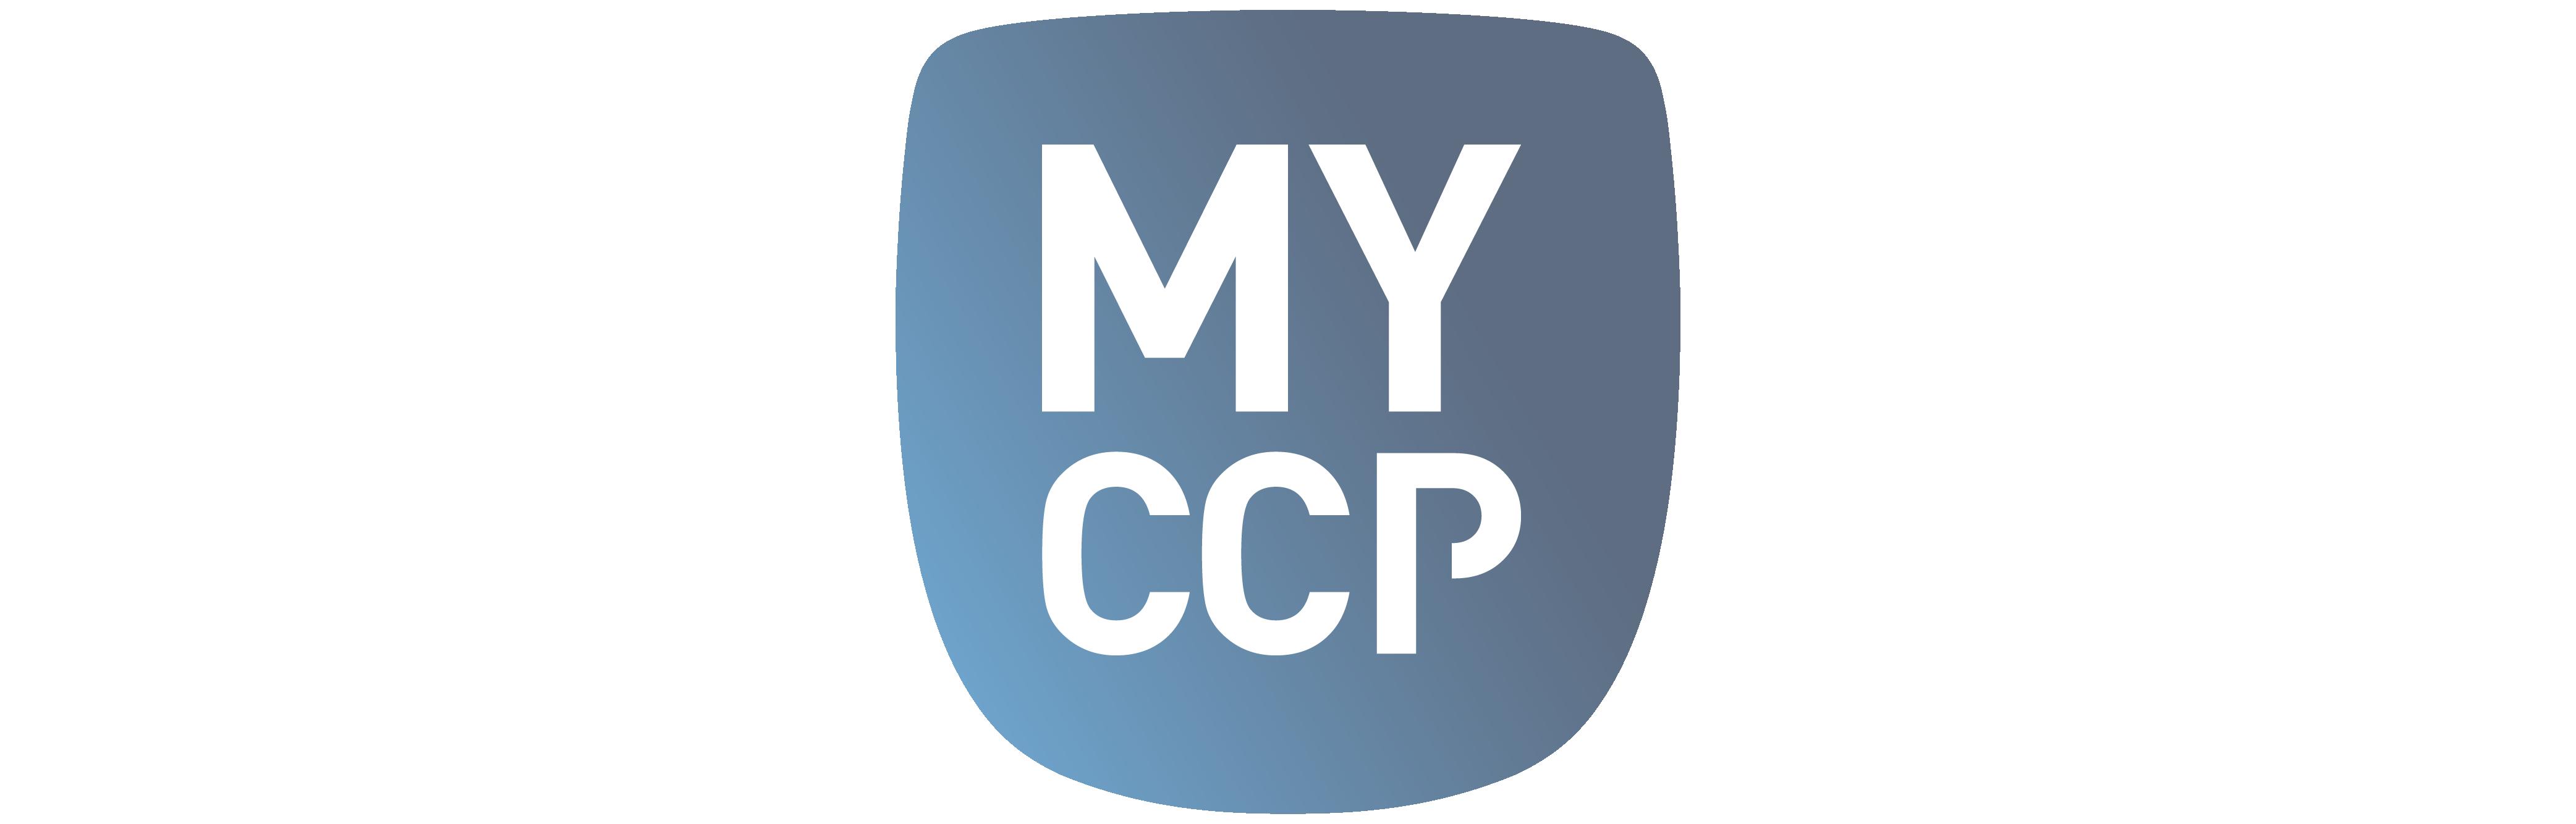 MyCCP